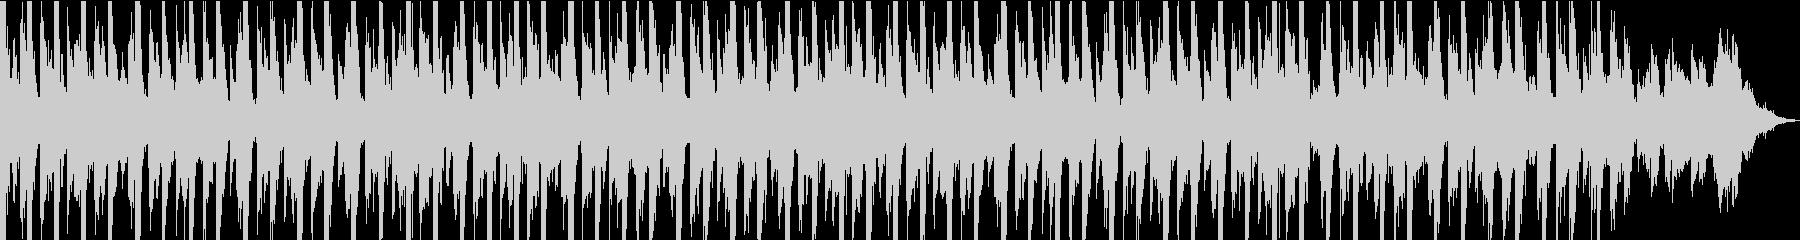 心地よいダンス/ハウス/エレクトロ...の未再生の波形